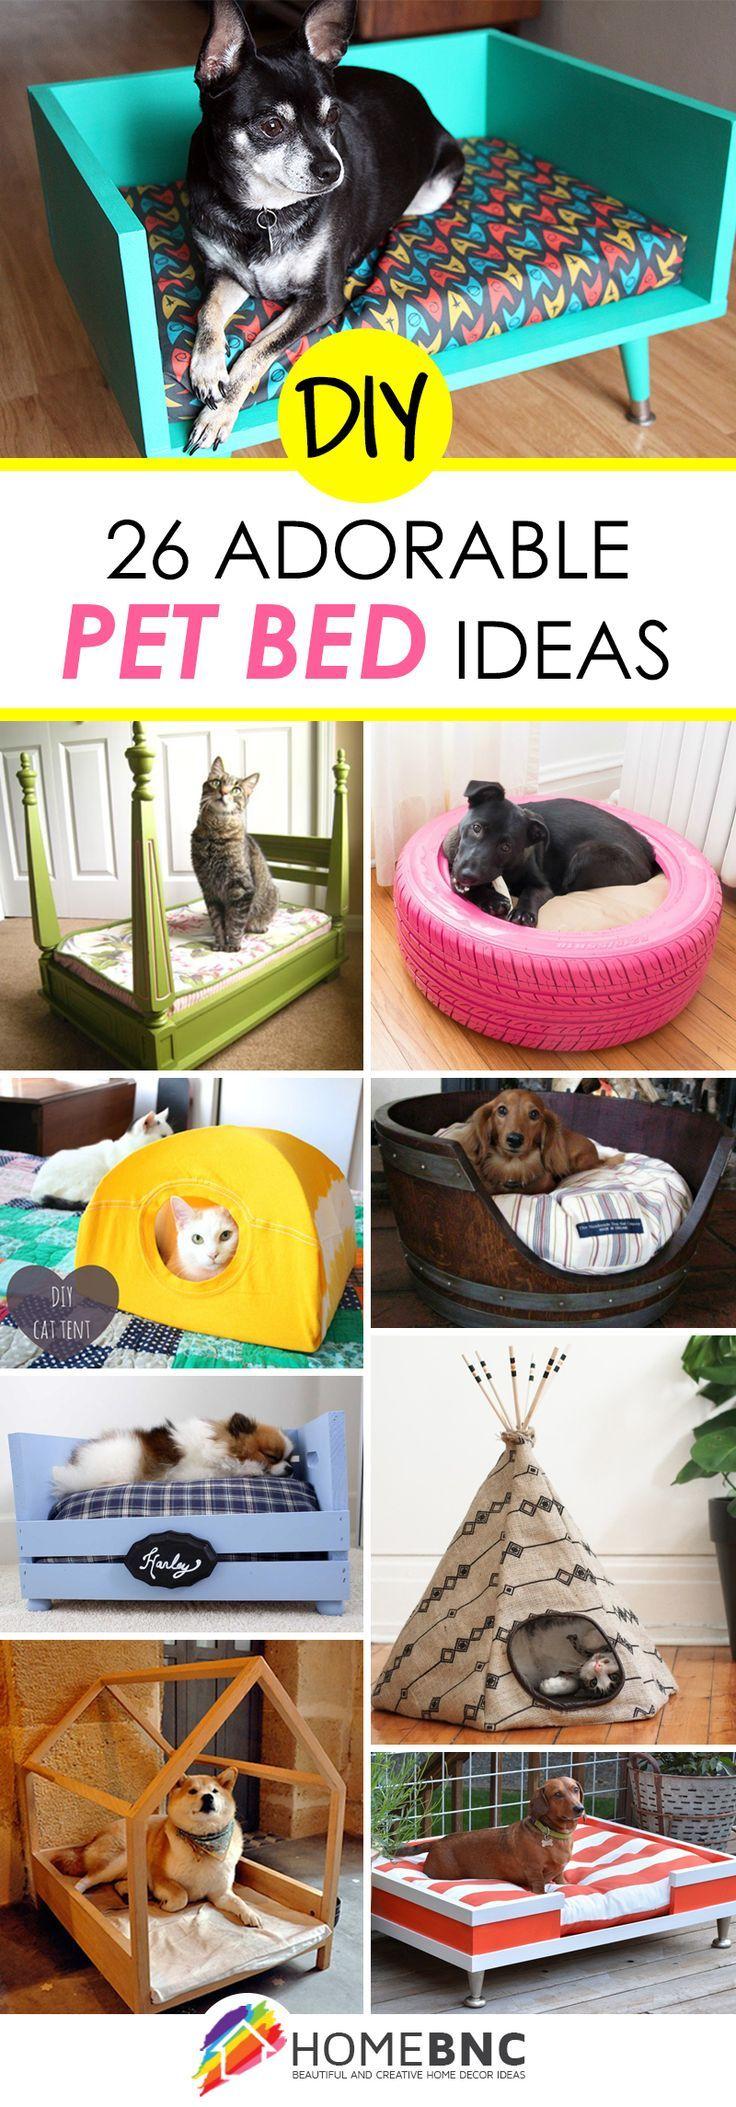 37 besten Pet Care Bilder auf Pinterest   Haustierpflege, Hunde und ...